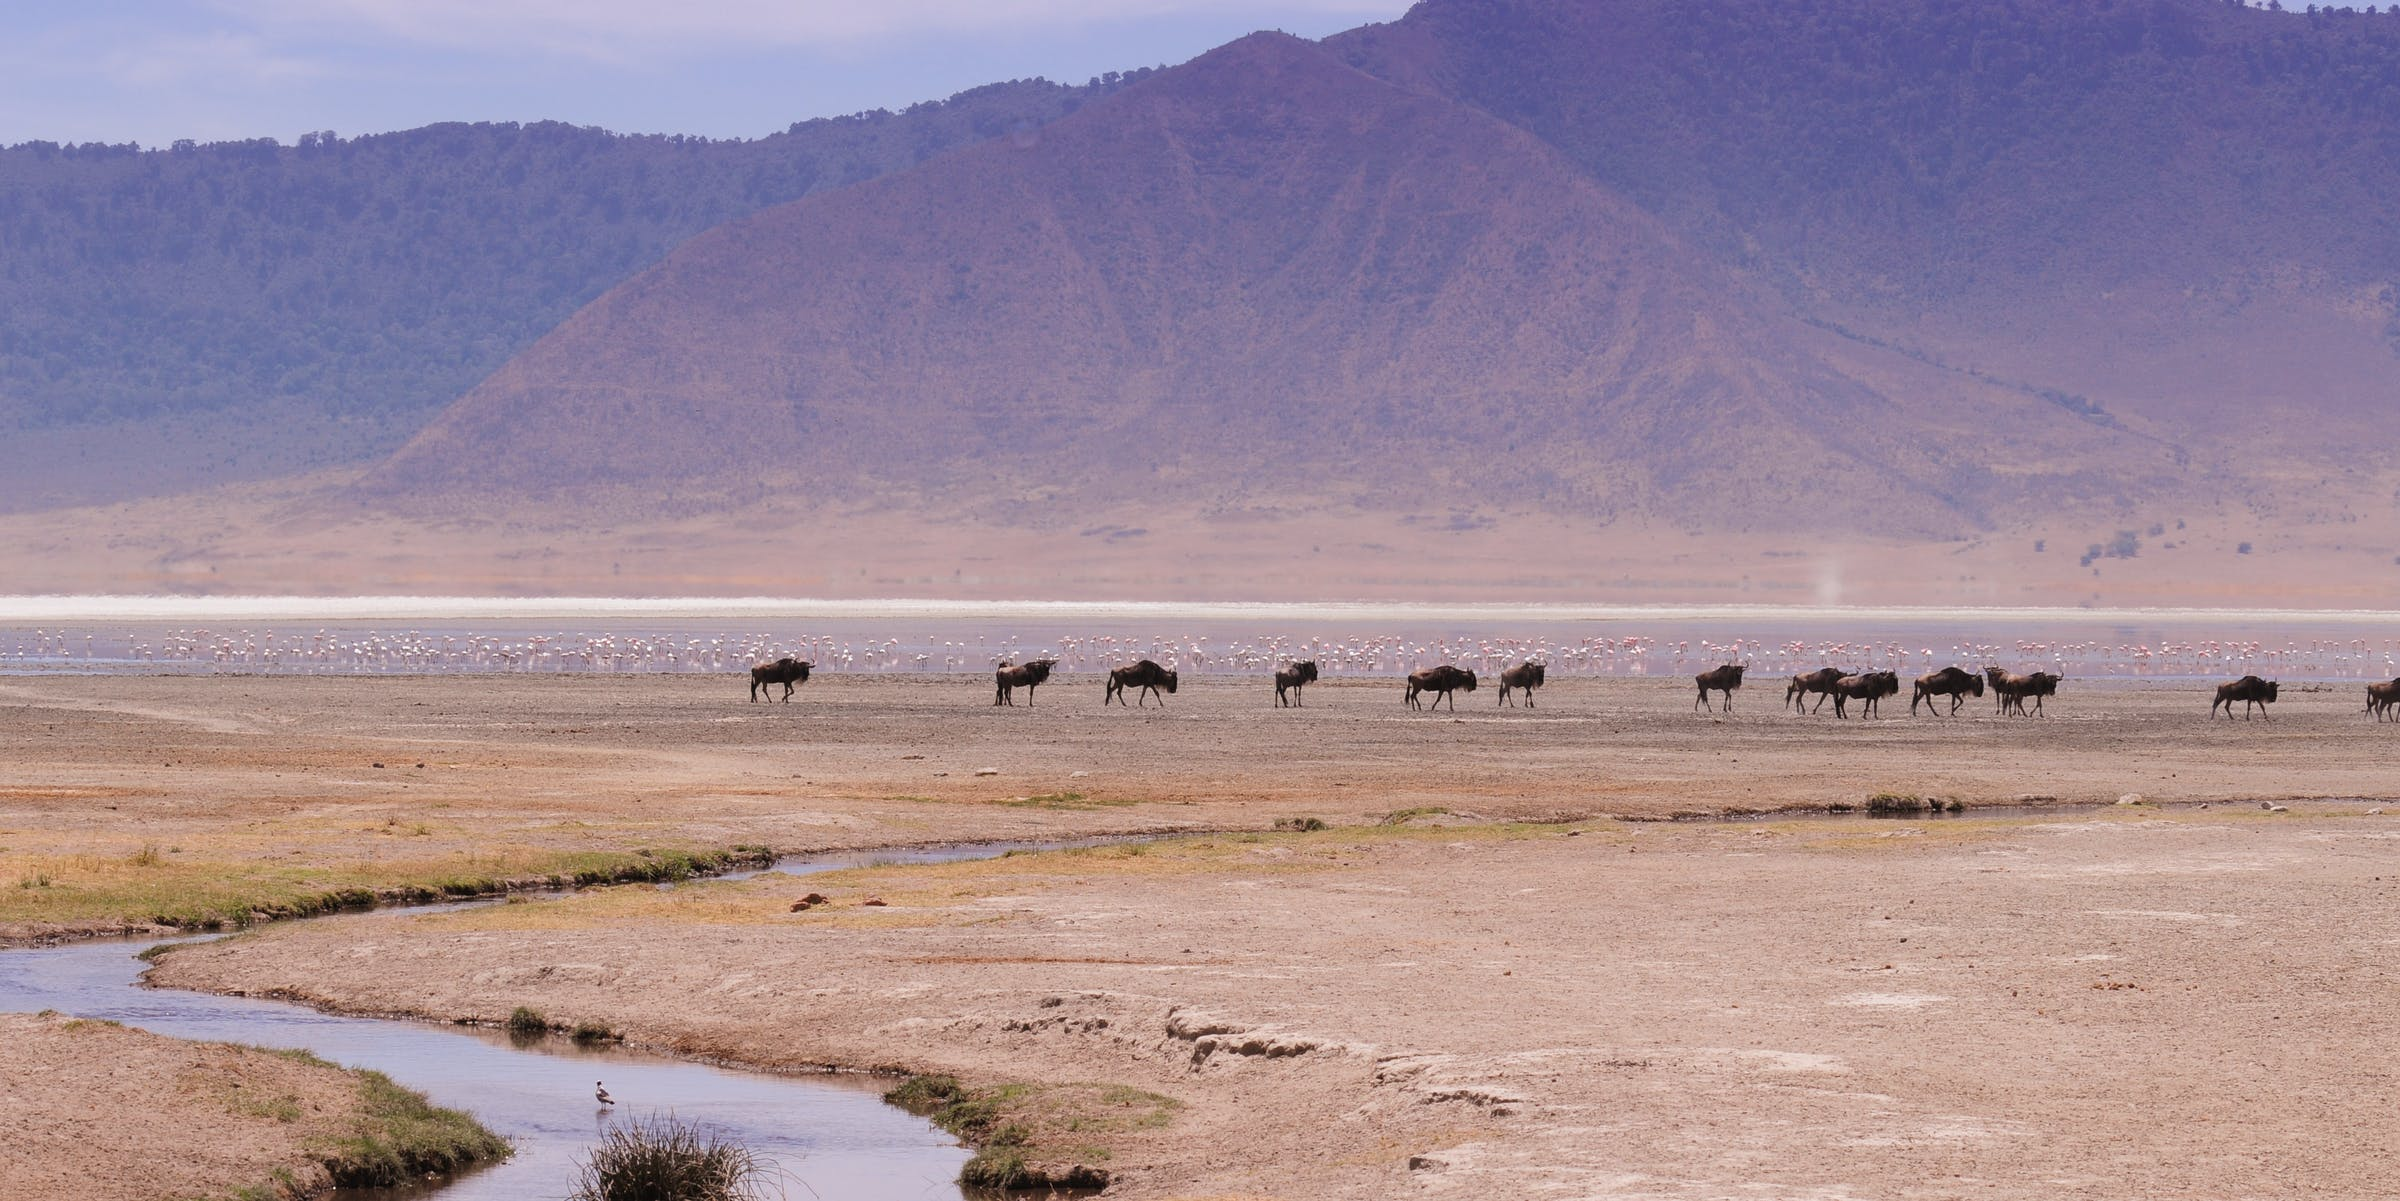 Blue Wildebeest around Soda Lake (Lake Magadi)